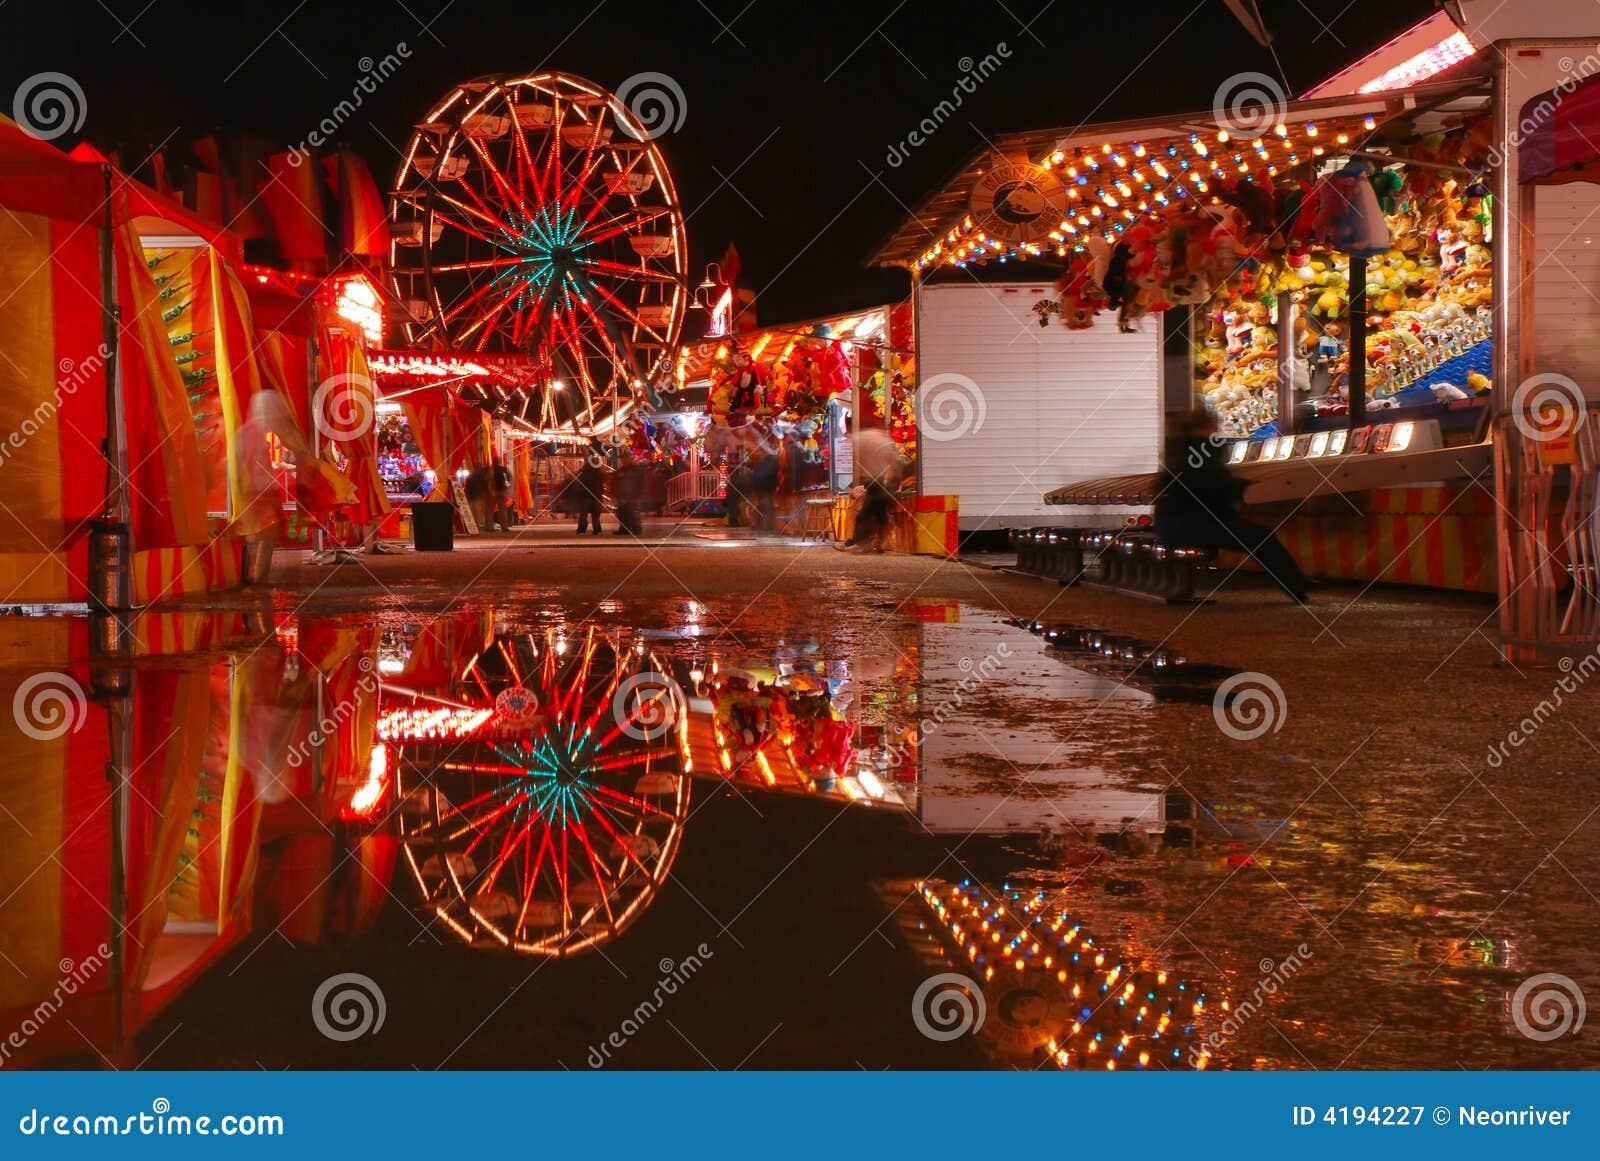 Reflexões do carnaval